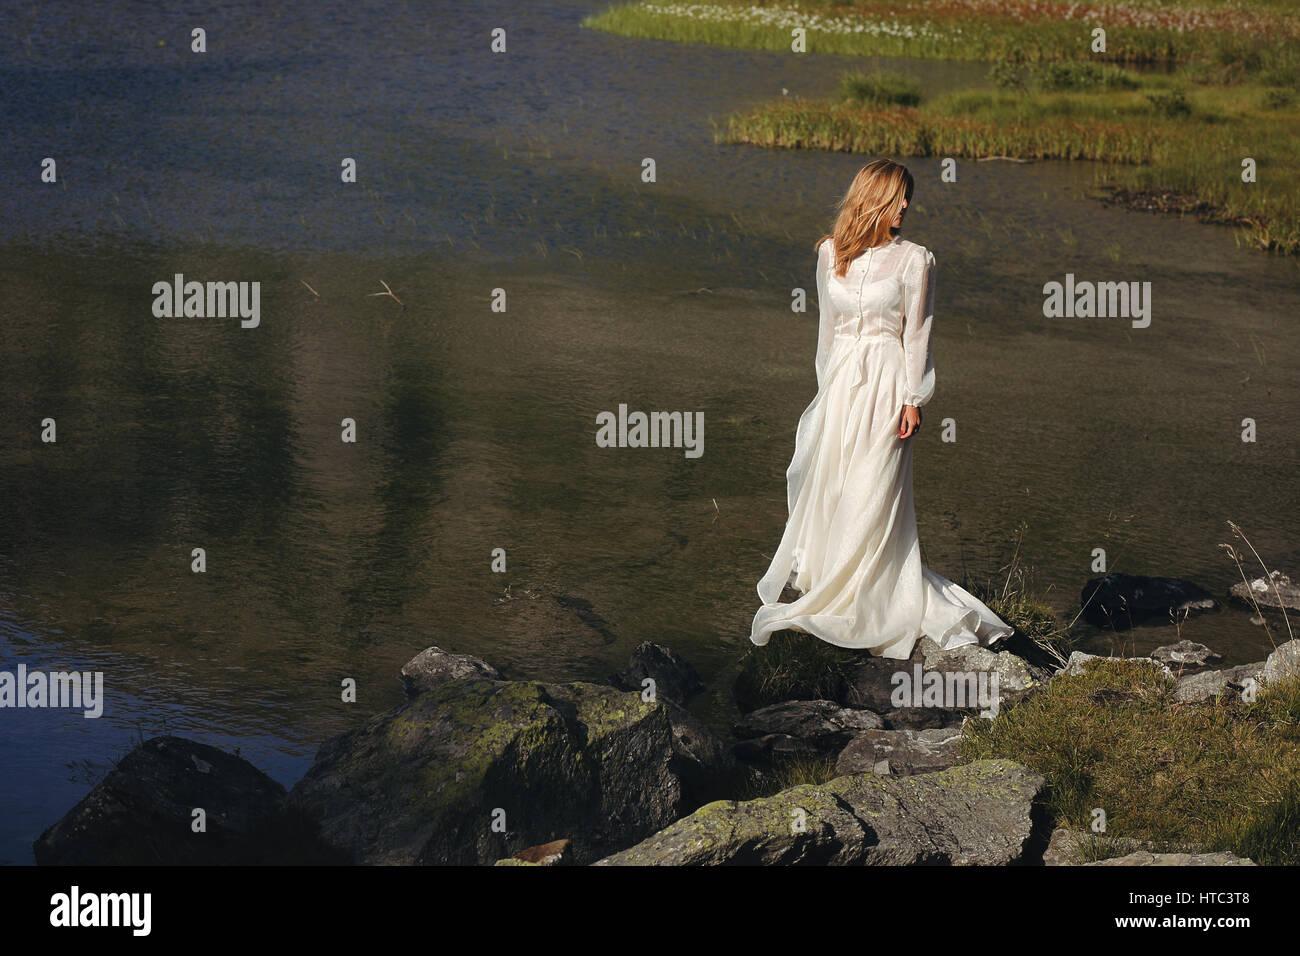 Traurige Braut posiert in einem Bergsee. Romantisch und verträumt Stockbild